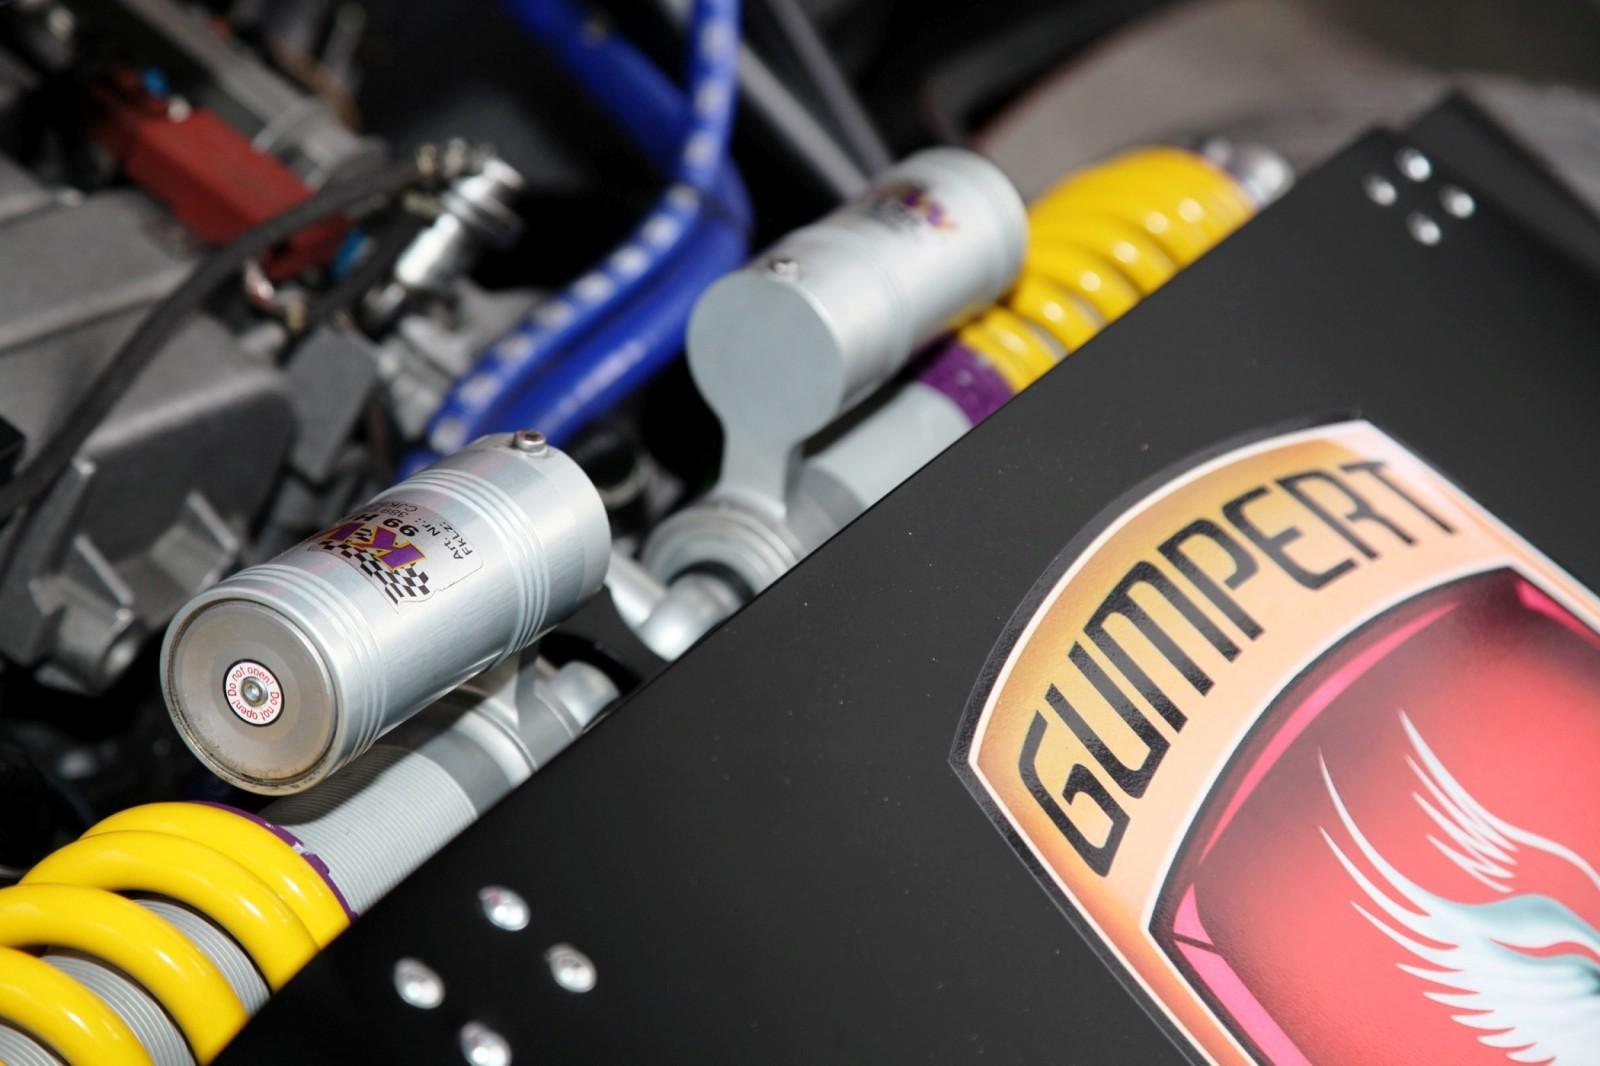 2M Designs GUMPERT APOLLO S 20